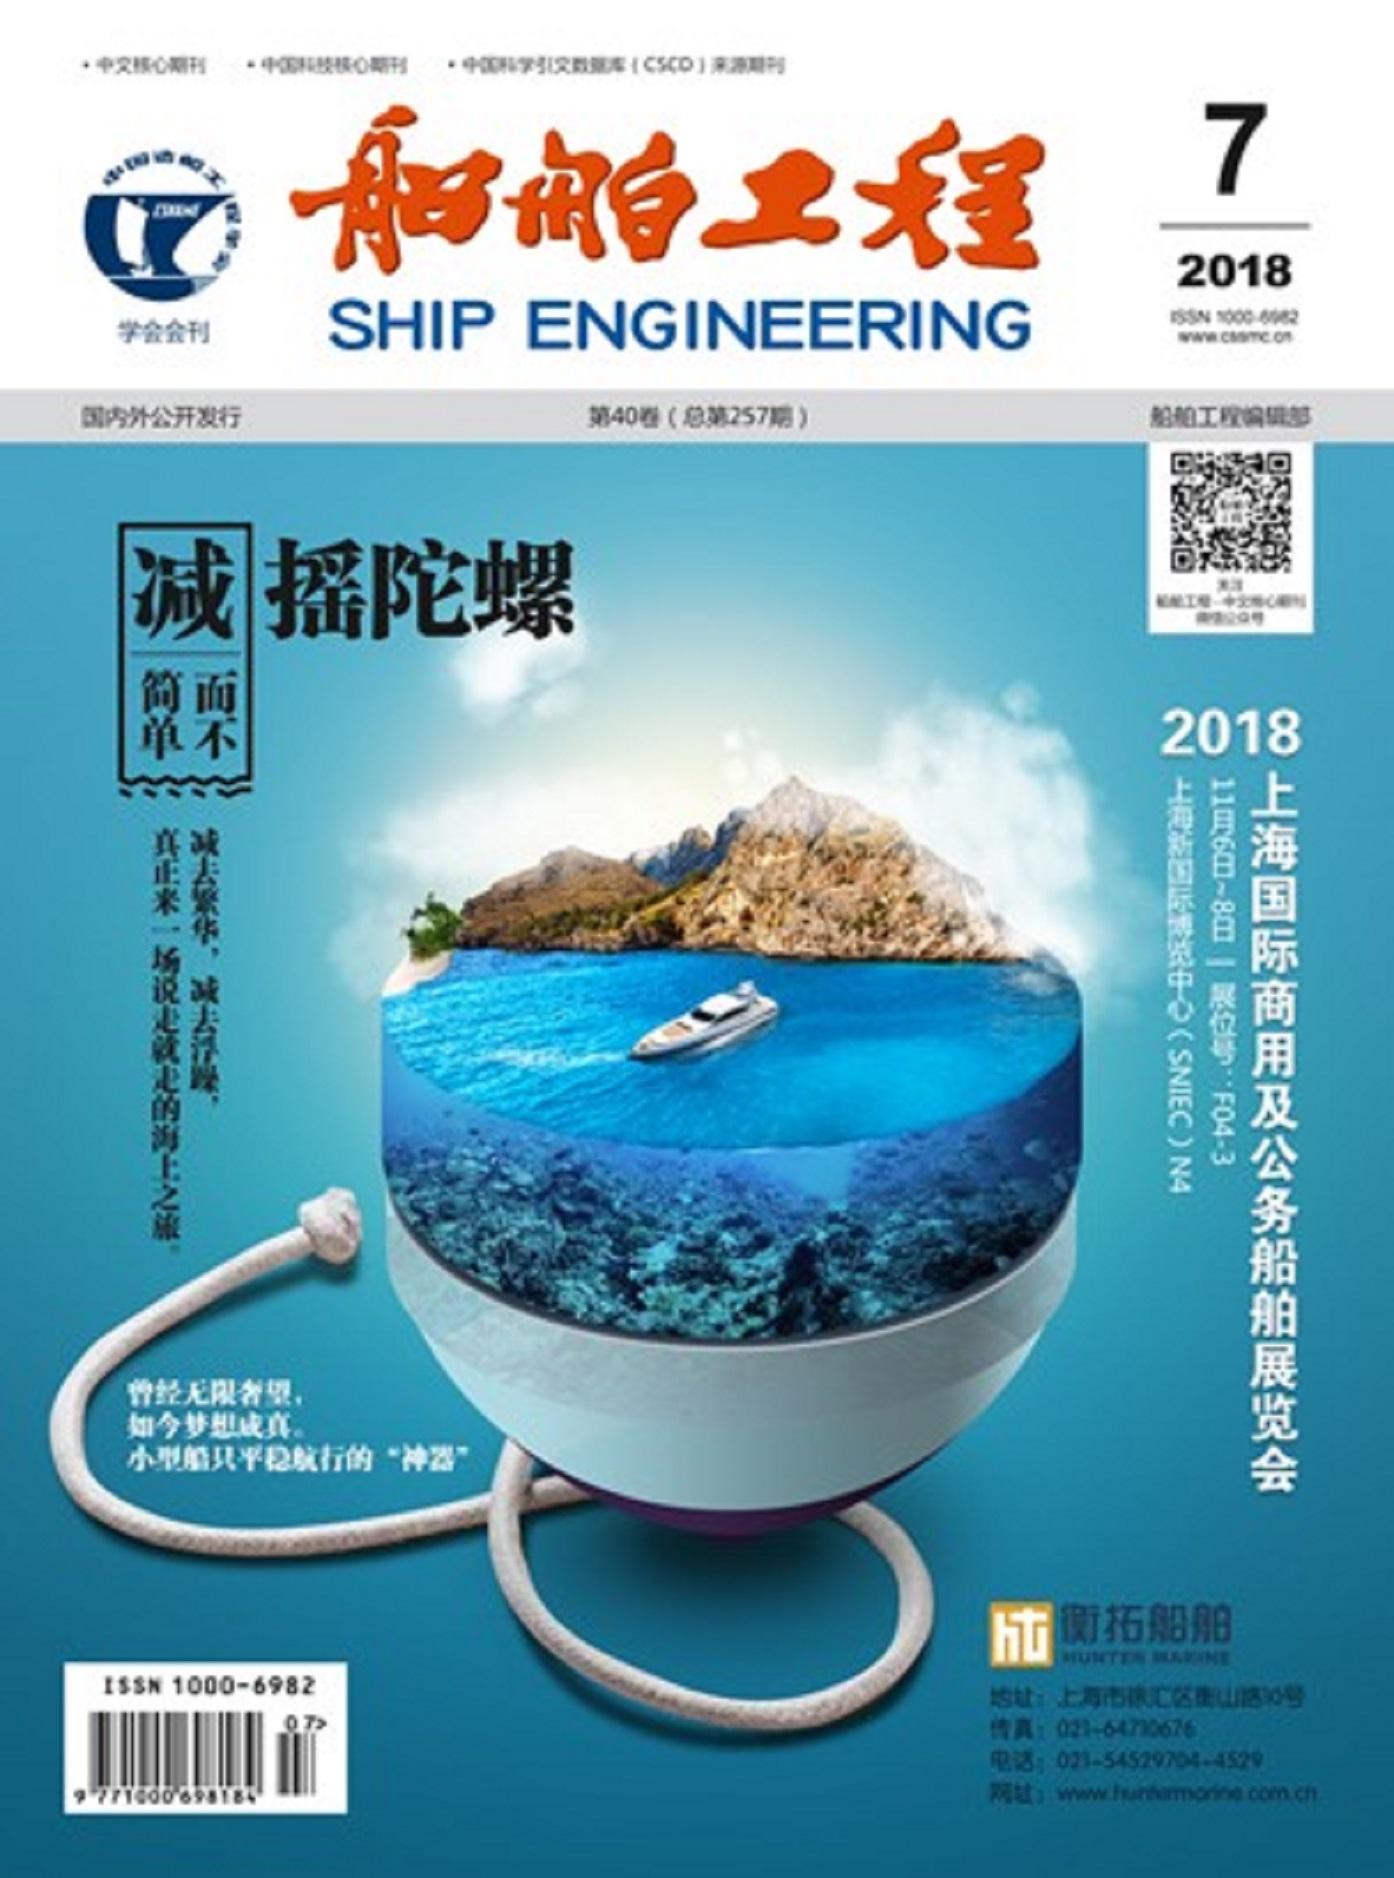 船舶工程图片